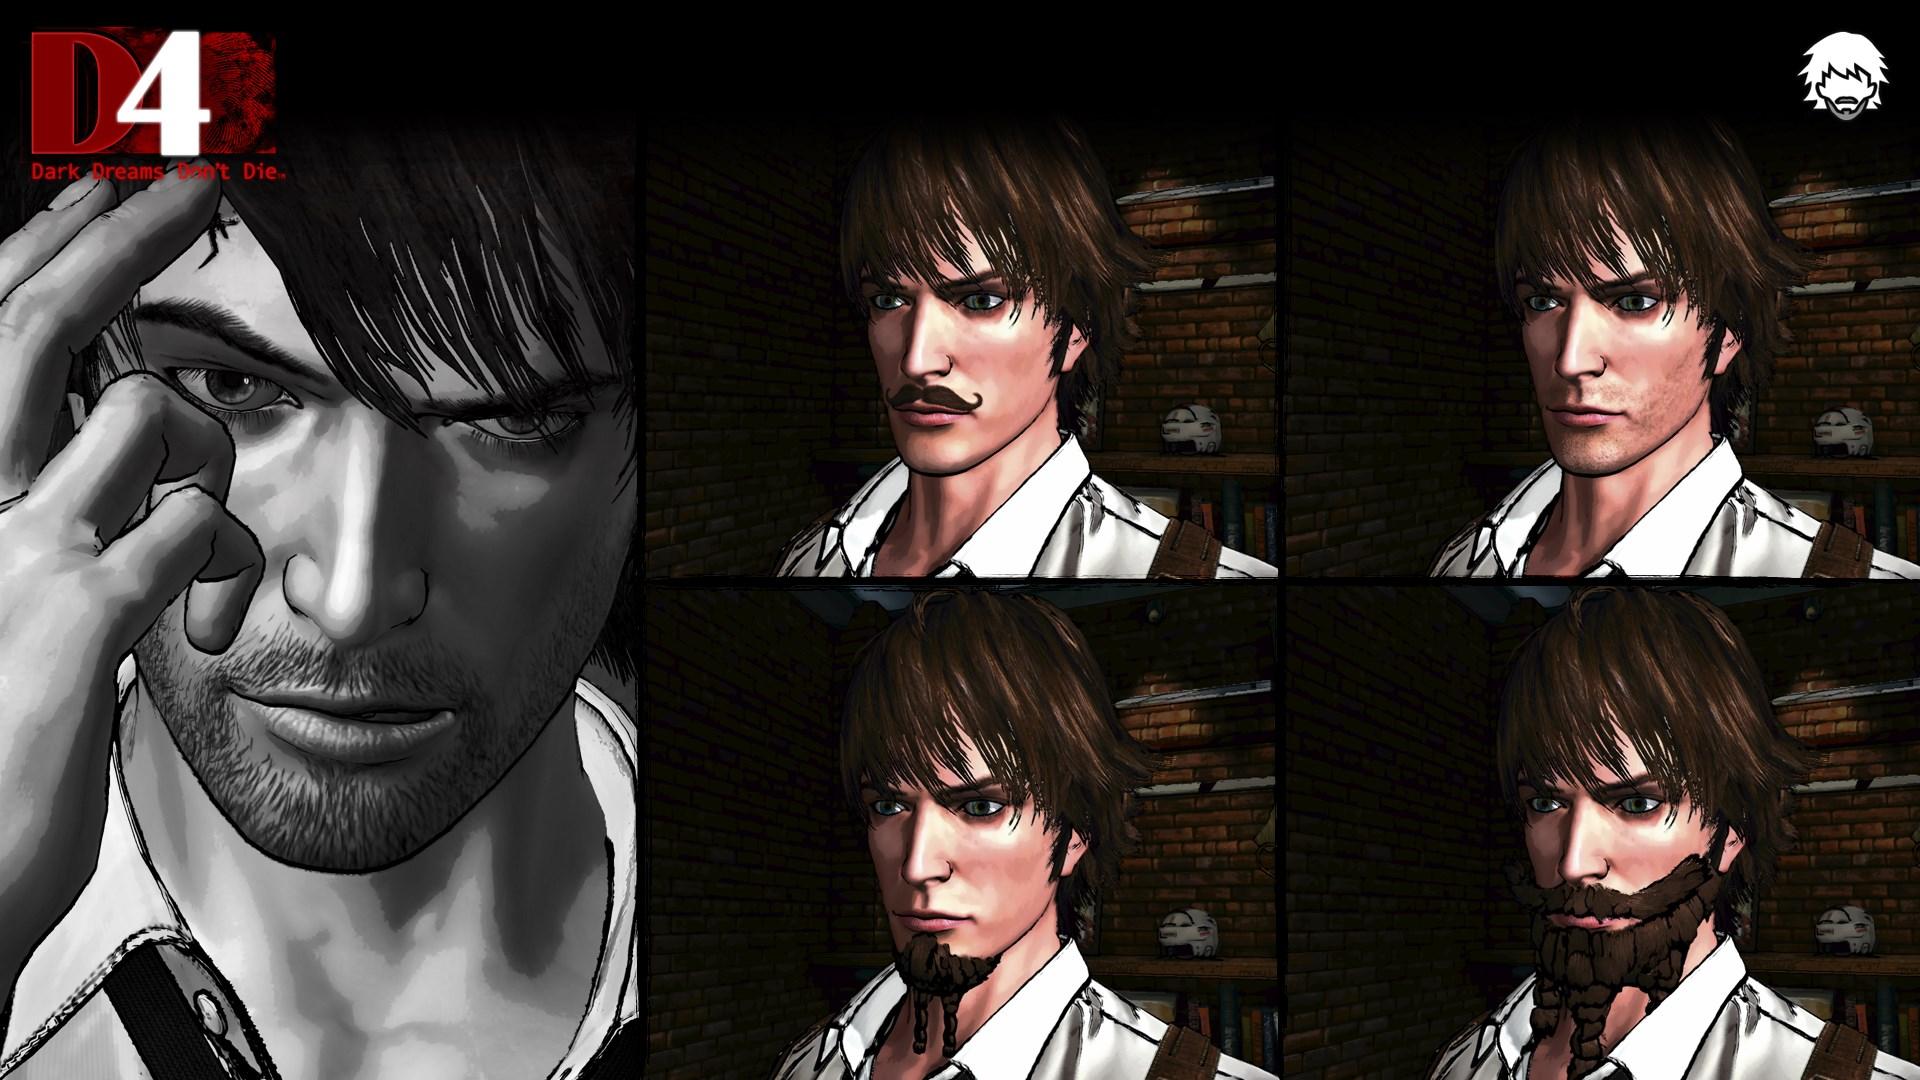 D4: Dark Dreams Don't Die - Beard Set 4